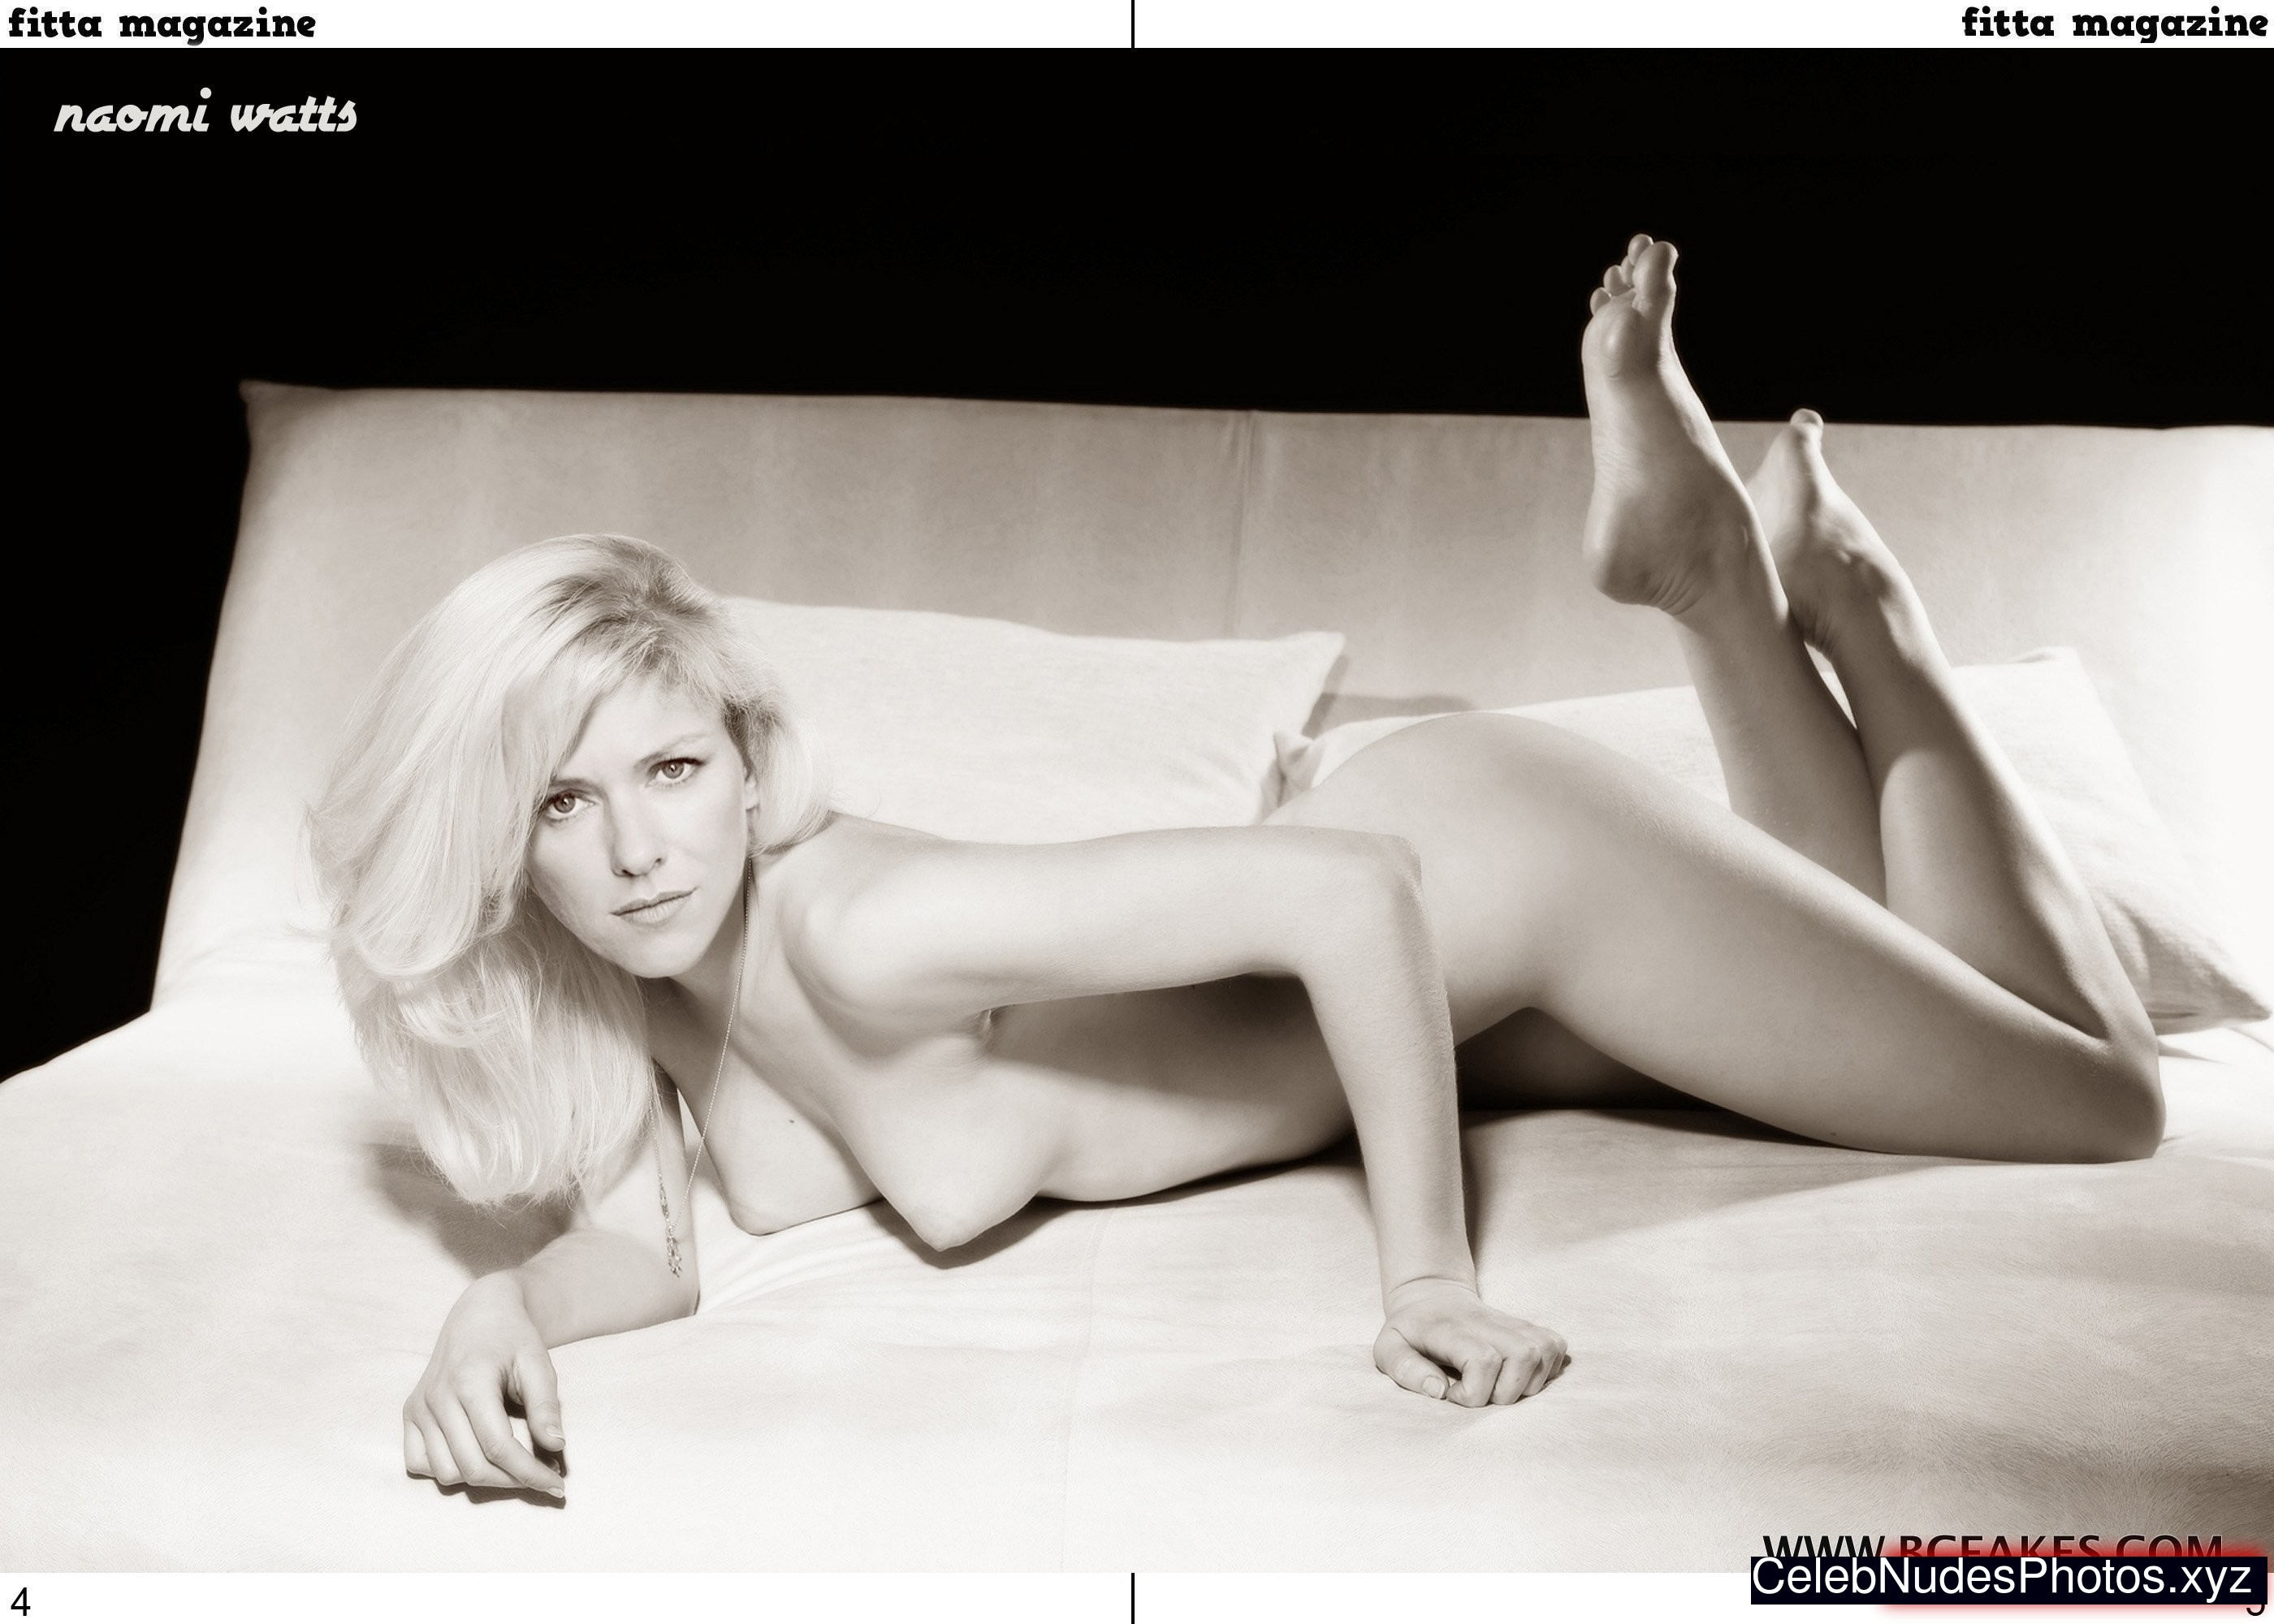 Naked girl on girlplayboy woman